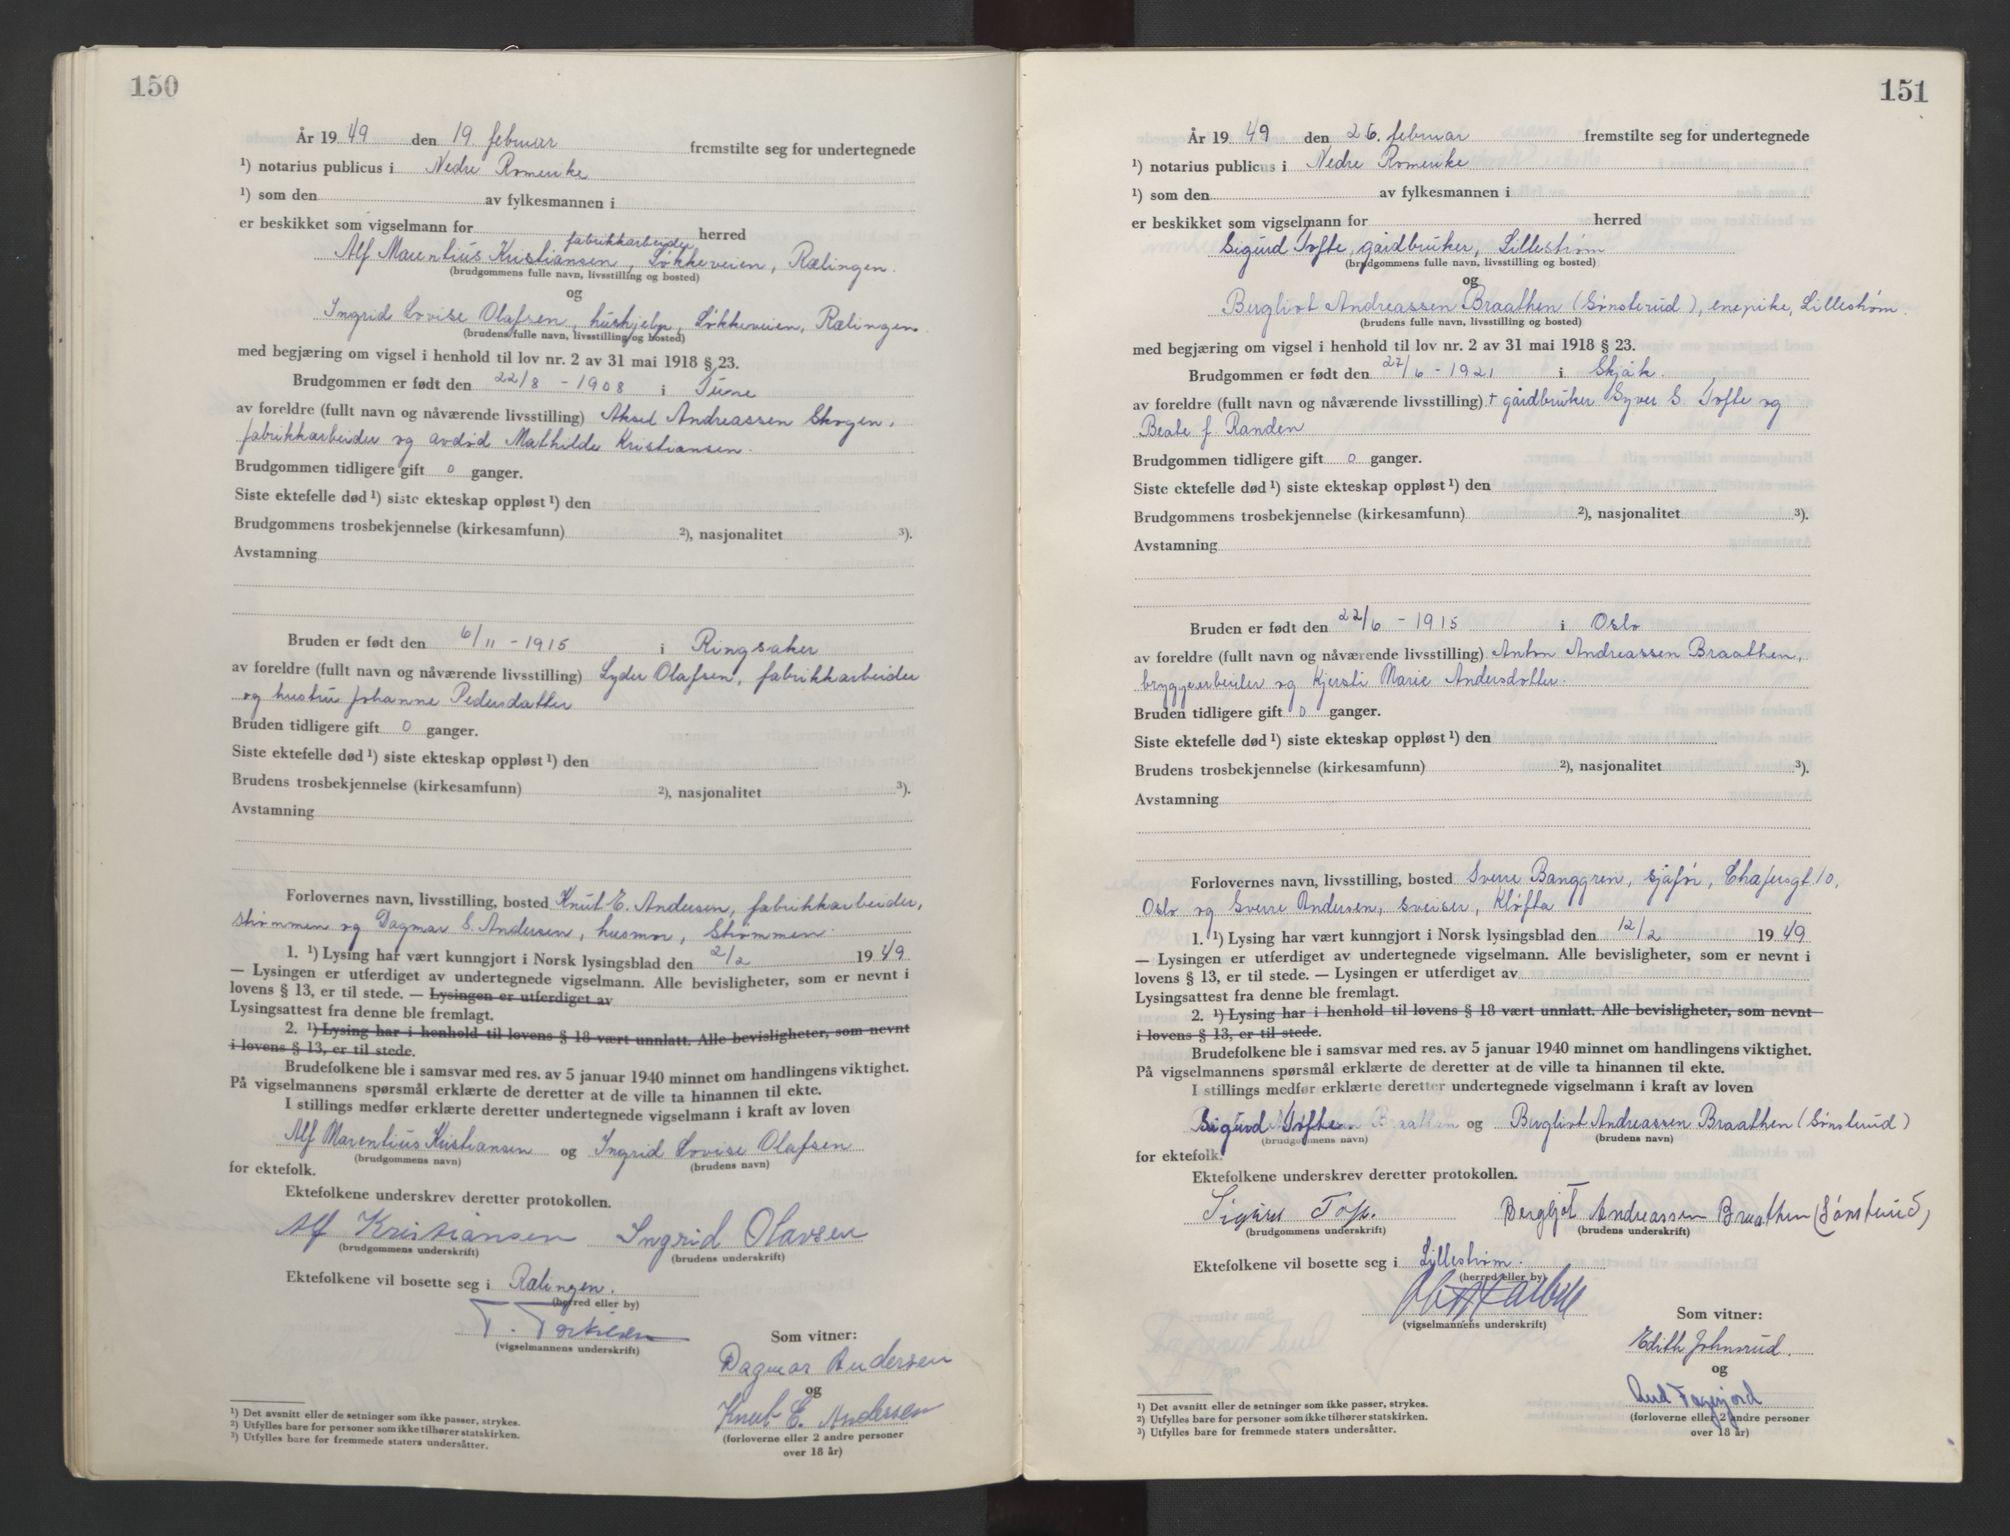 SAO, Nedre Romerike sorenskriveri, L/Lb/L0007: Vigselsbok - borgerlige vielser, 1946-1950, s. 150-151